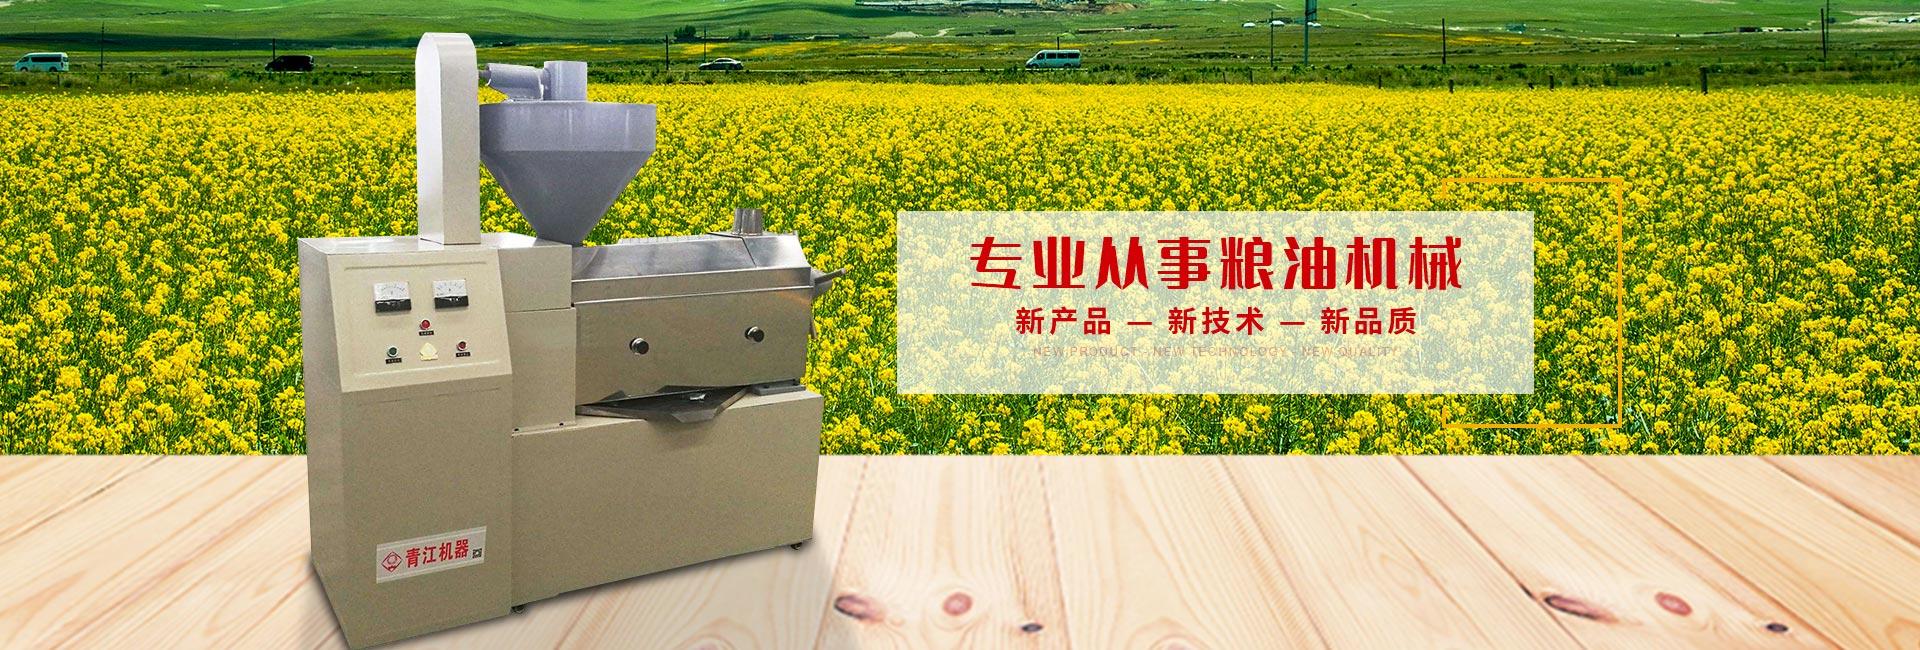 四川新型榨油机